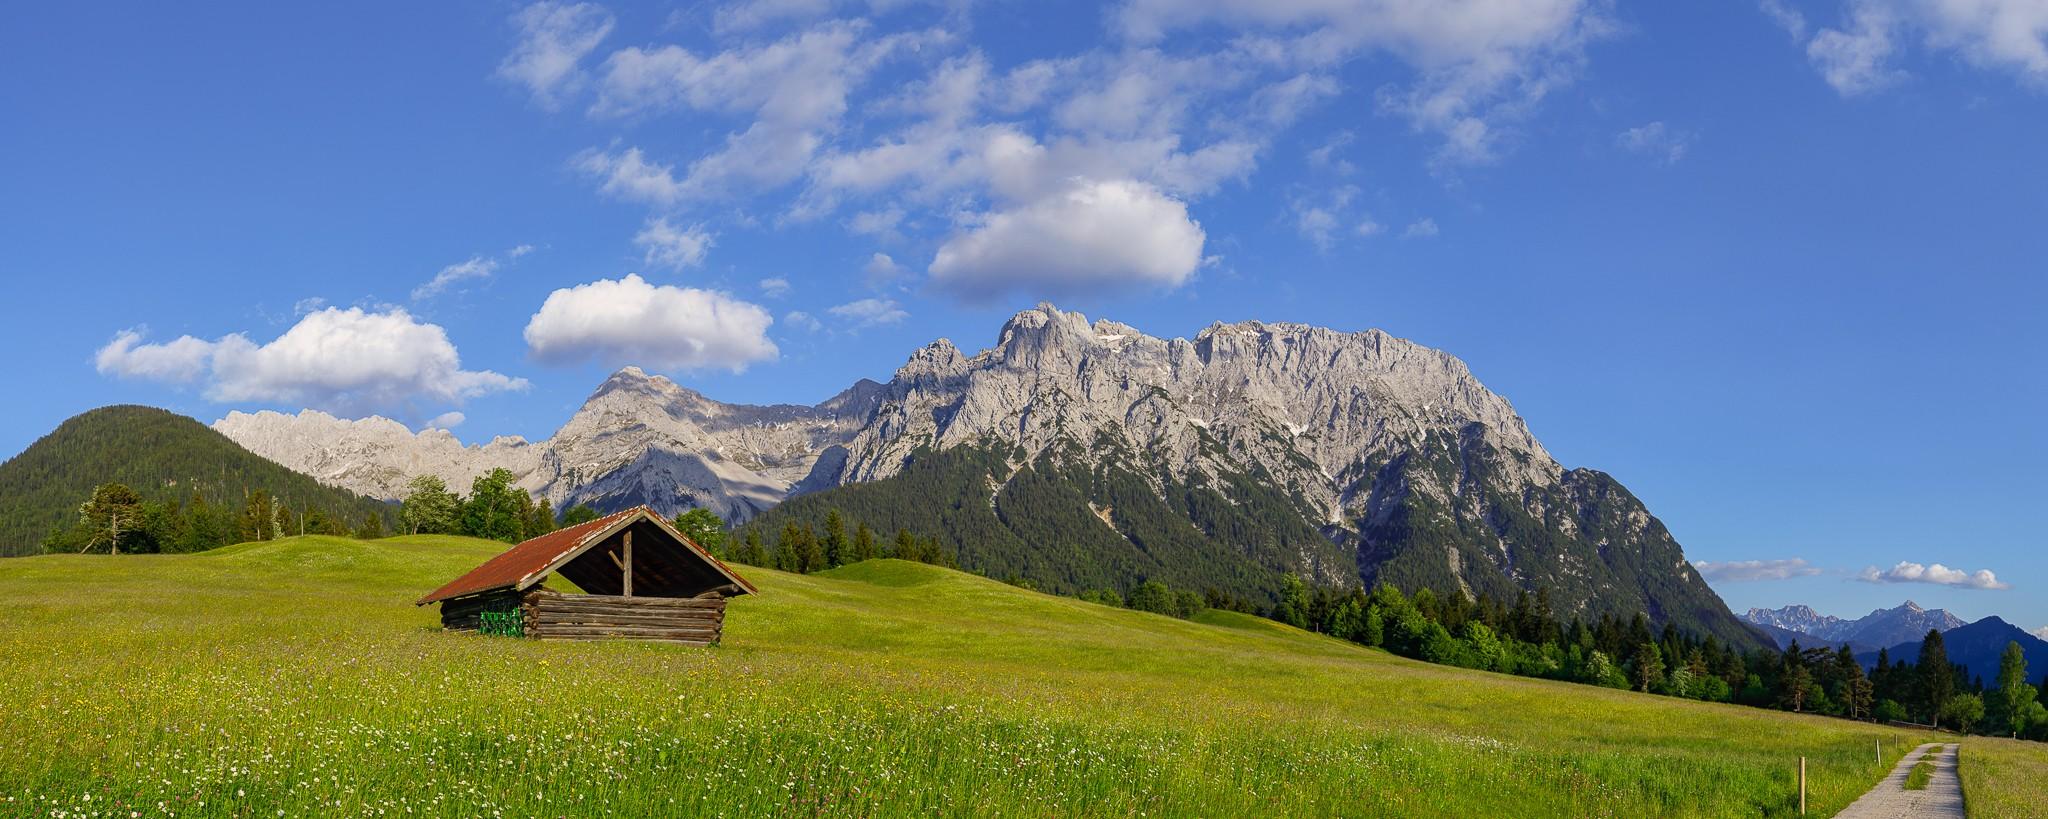 Sommerwiese in Mittenwald - Karwendel